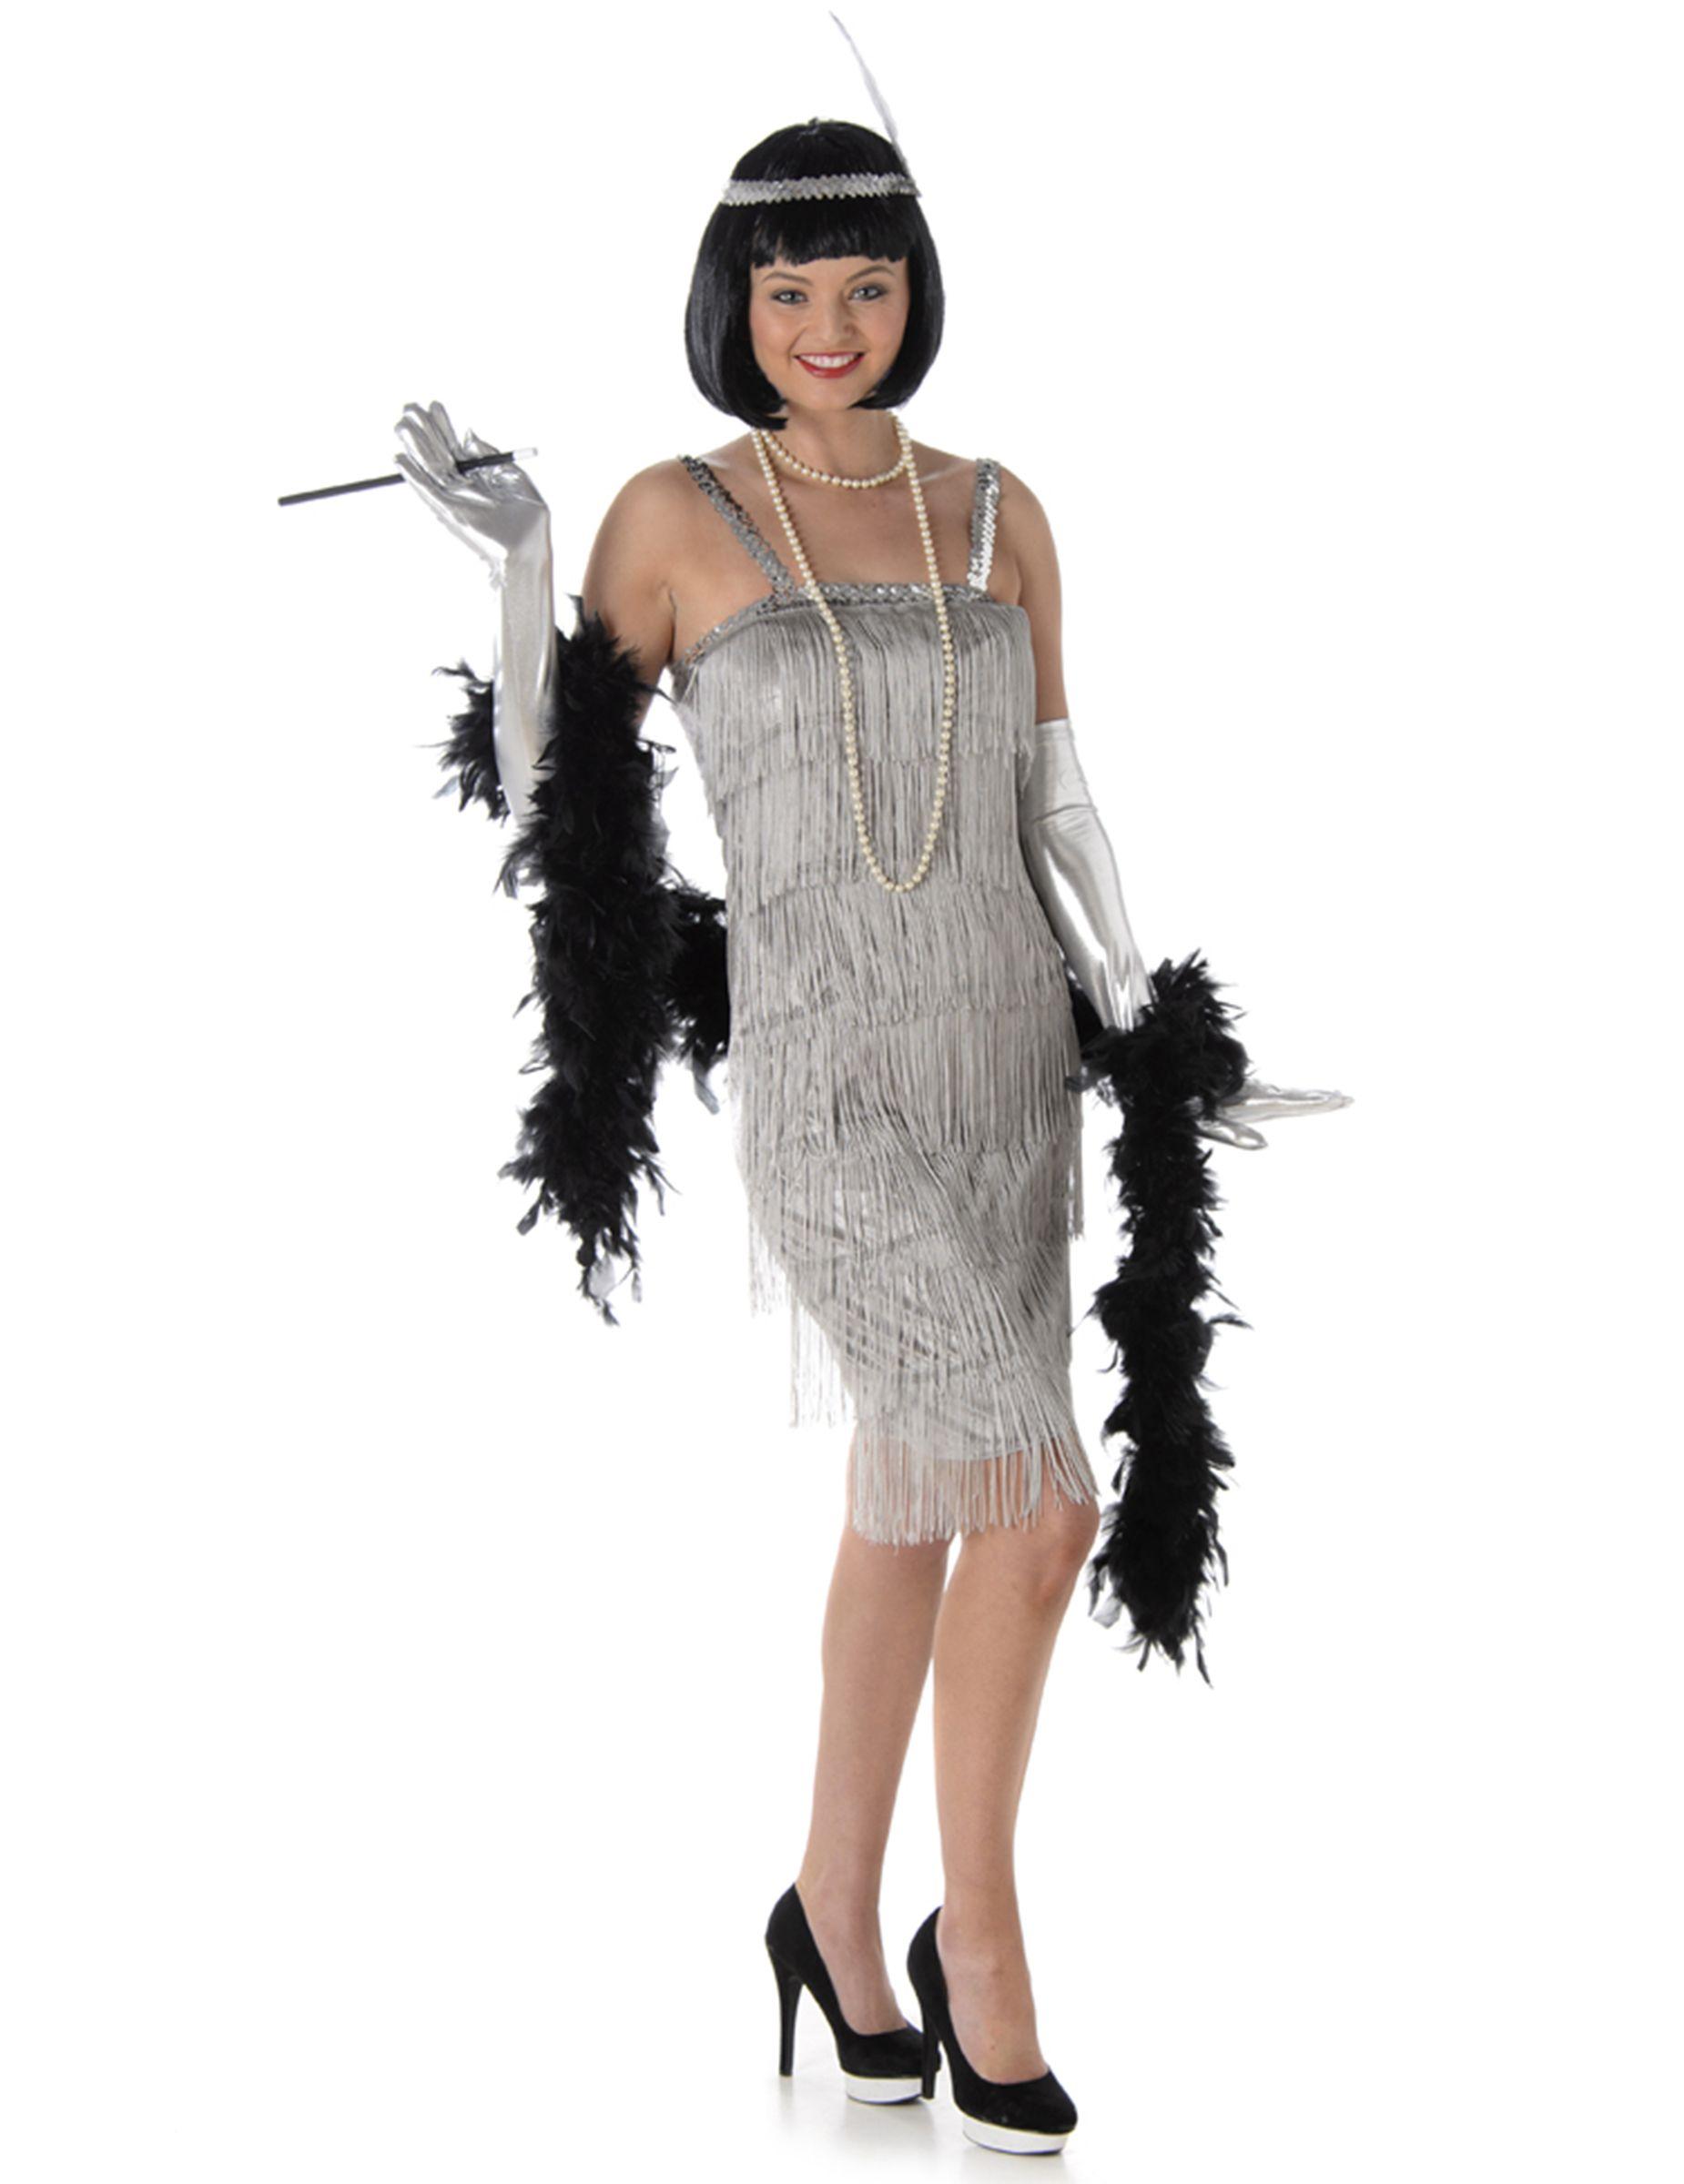 d332073874e2 Costume per donna anni '20 argentato: Costumi adulti,e vestiti di carnevale  online - Vegaoo